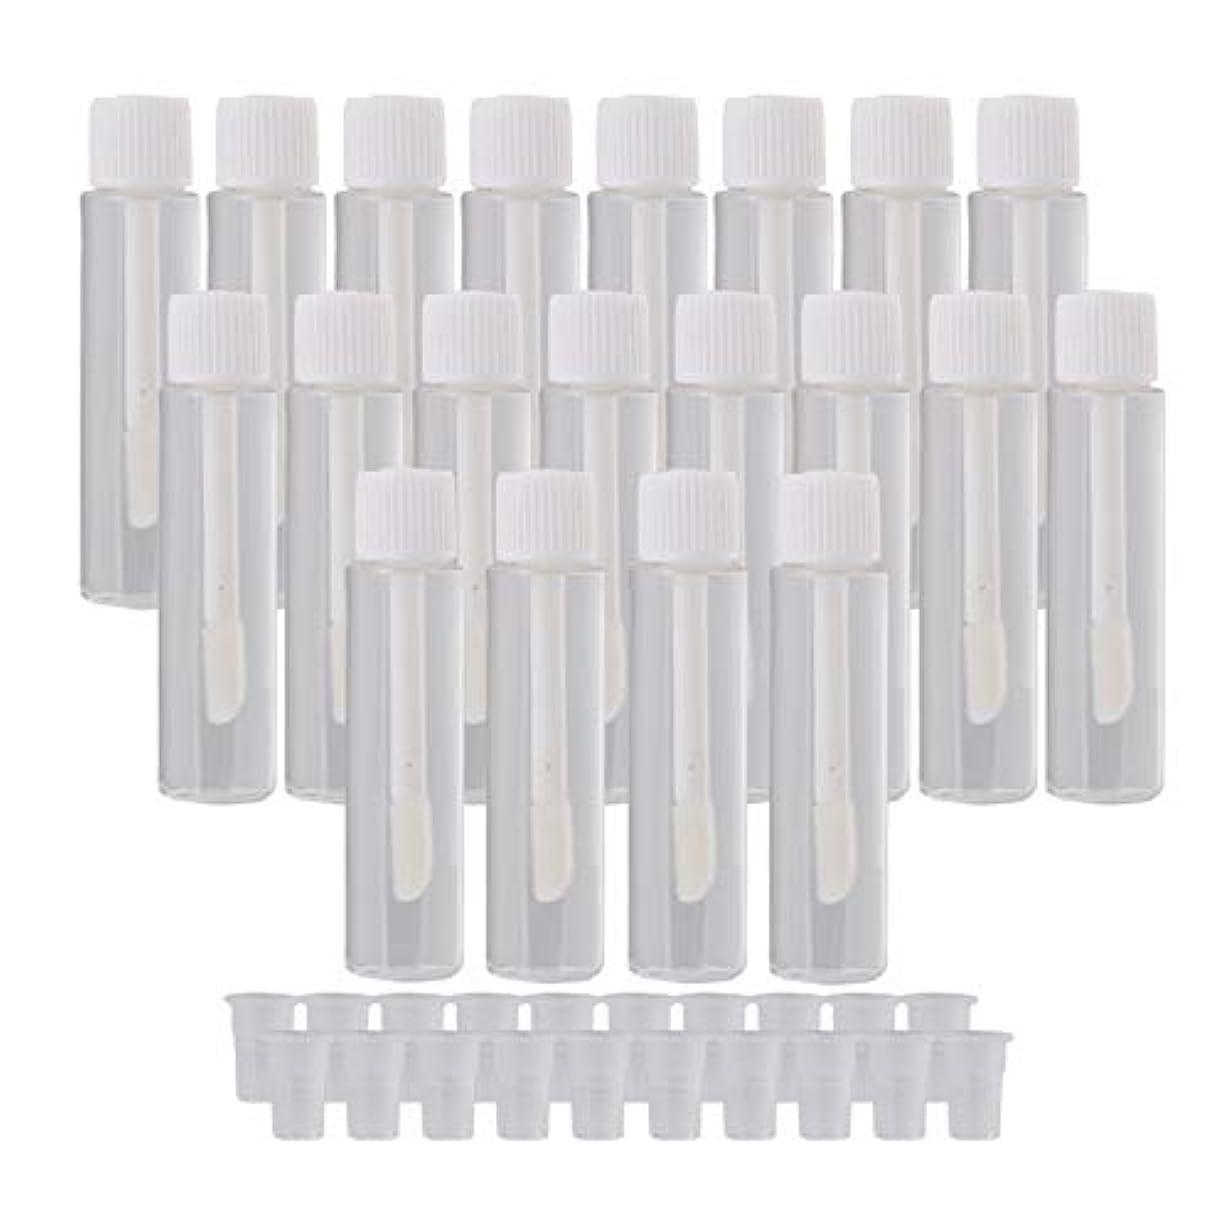 風刺欠席継続中20個入 リップグロスチューブ 5ml リップオイル 空 詰め替え 容器 旅行用品 ホワイト